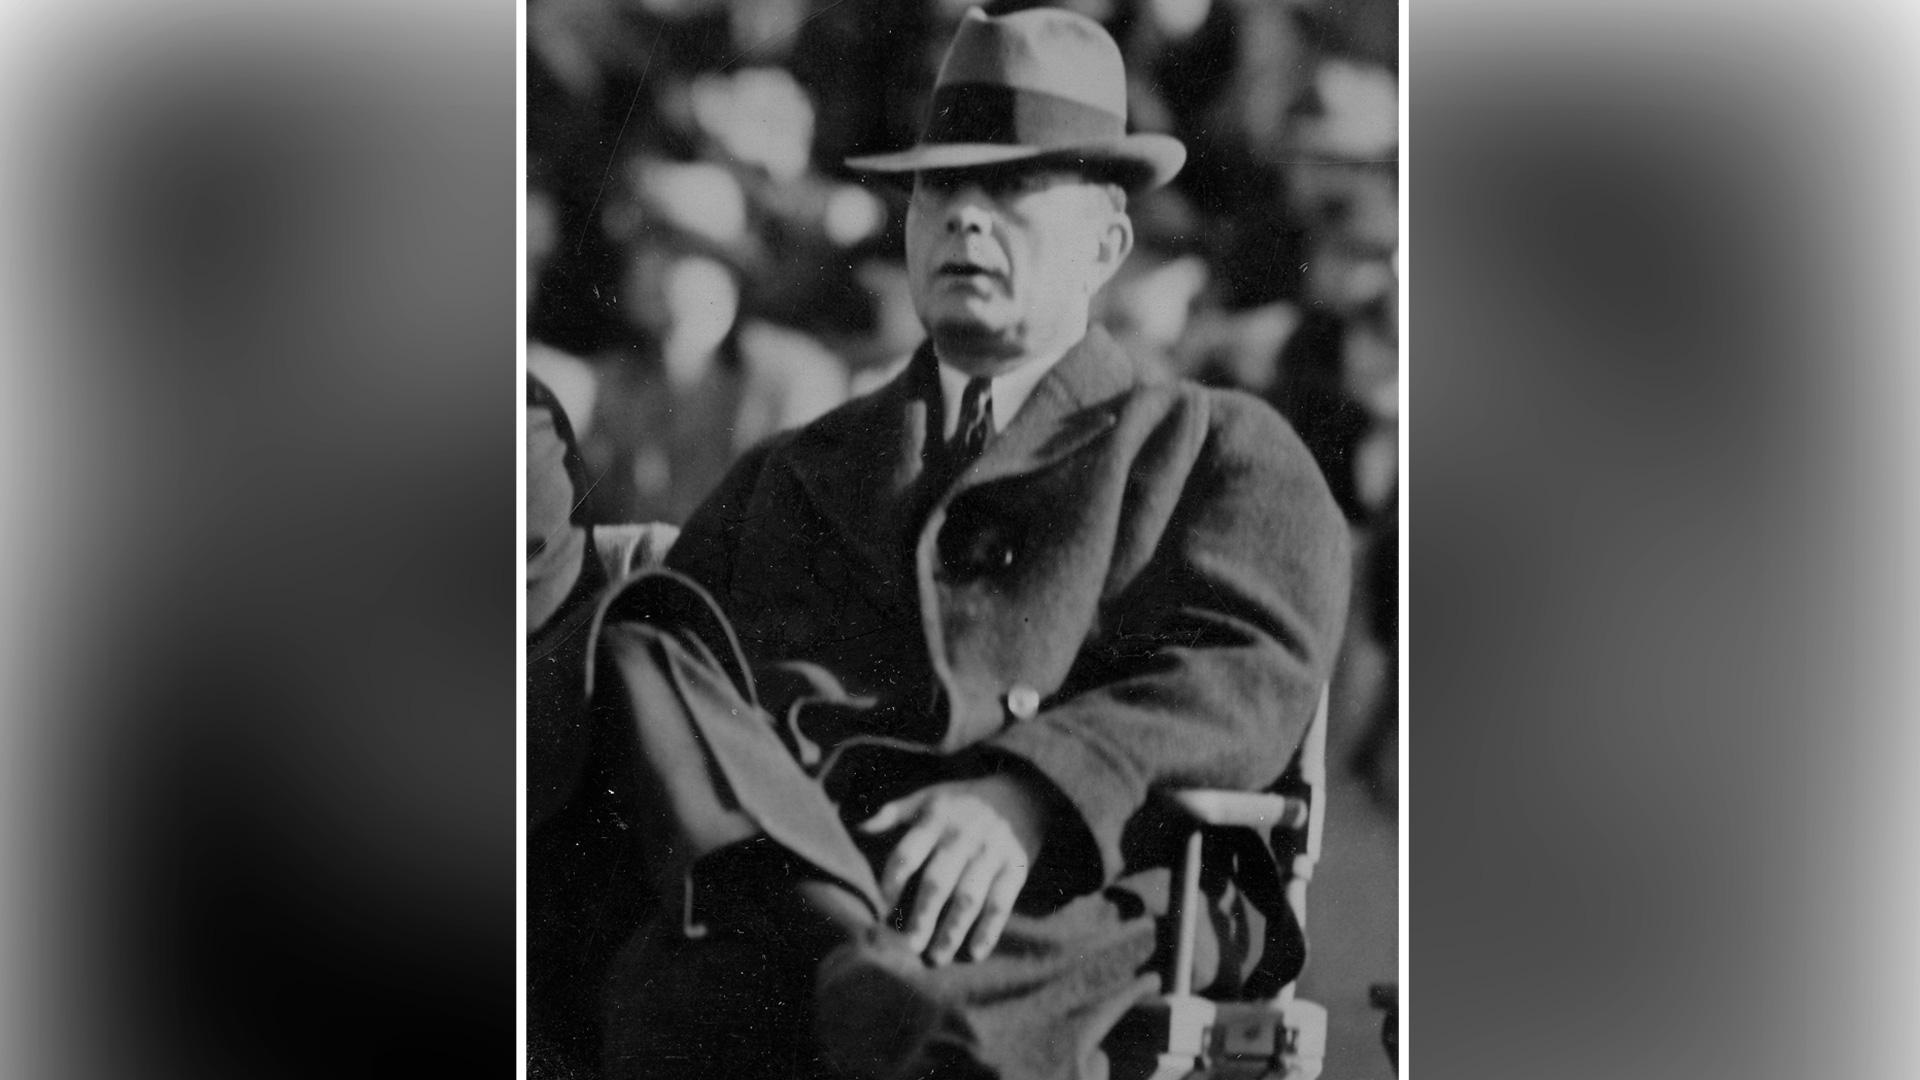 100 years ago baseball helped Vanderbilt dominate football